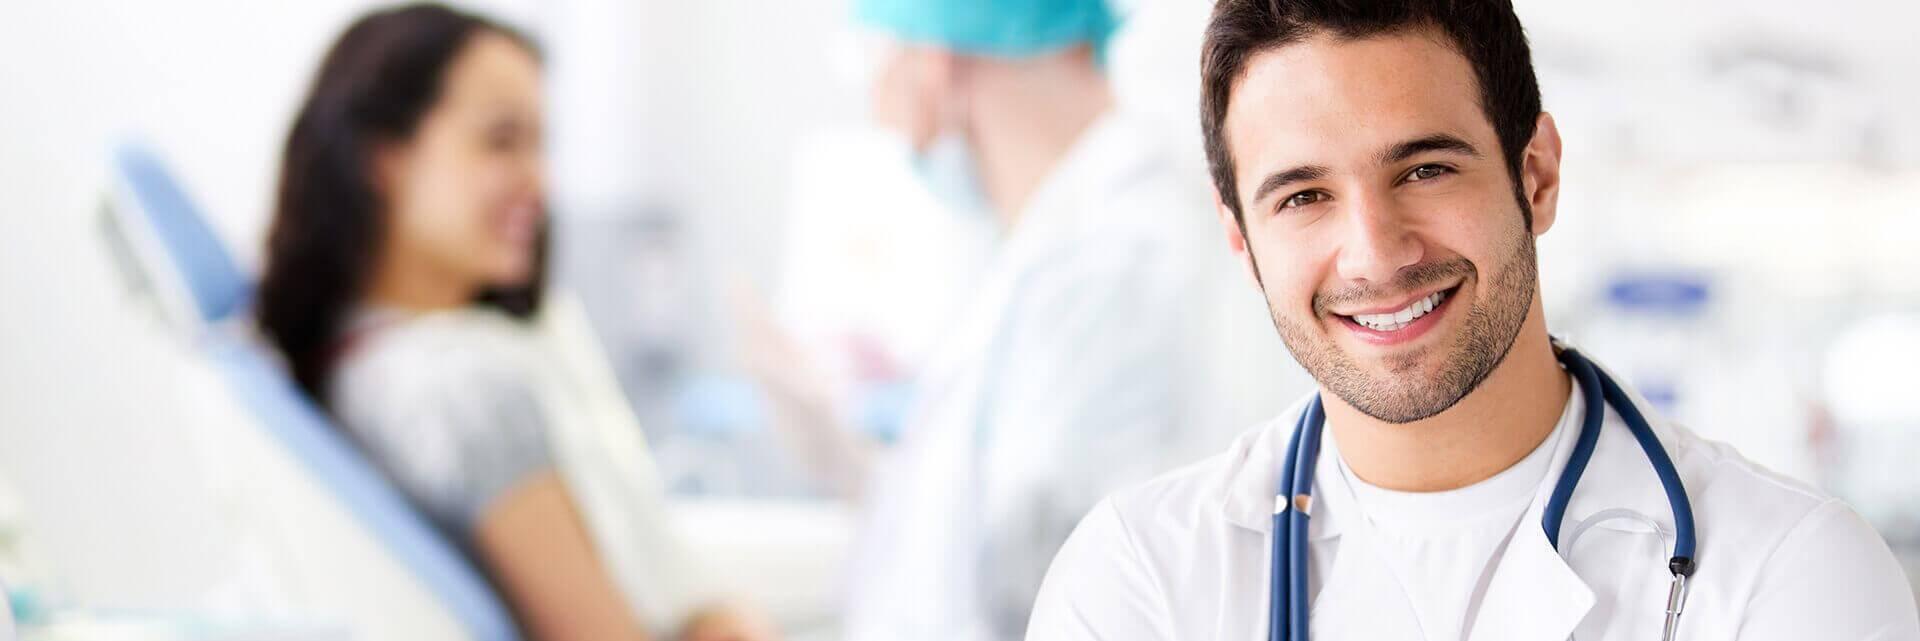 vilken läkare är bäst online